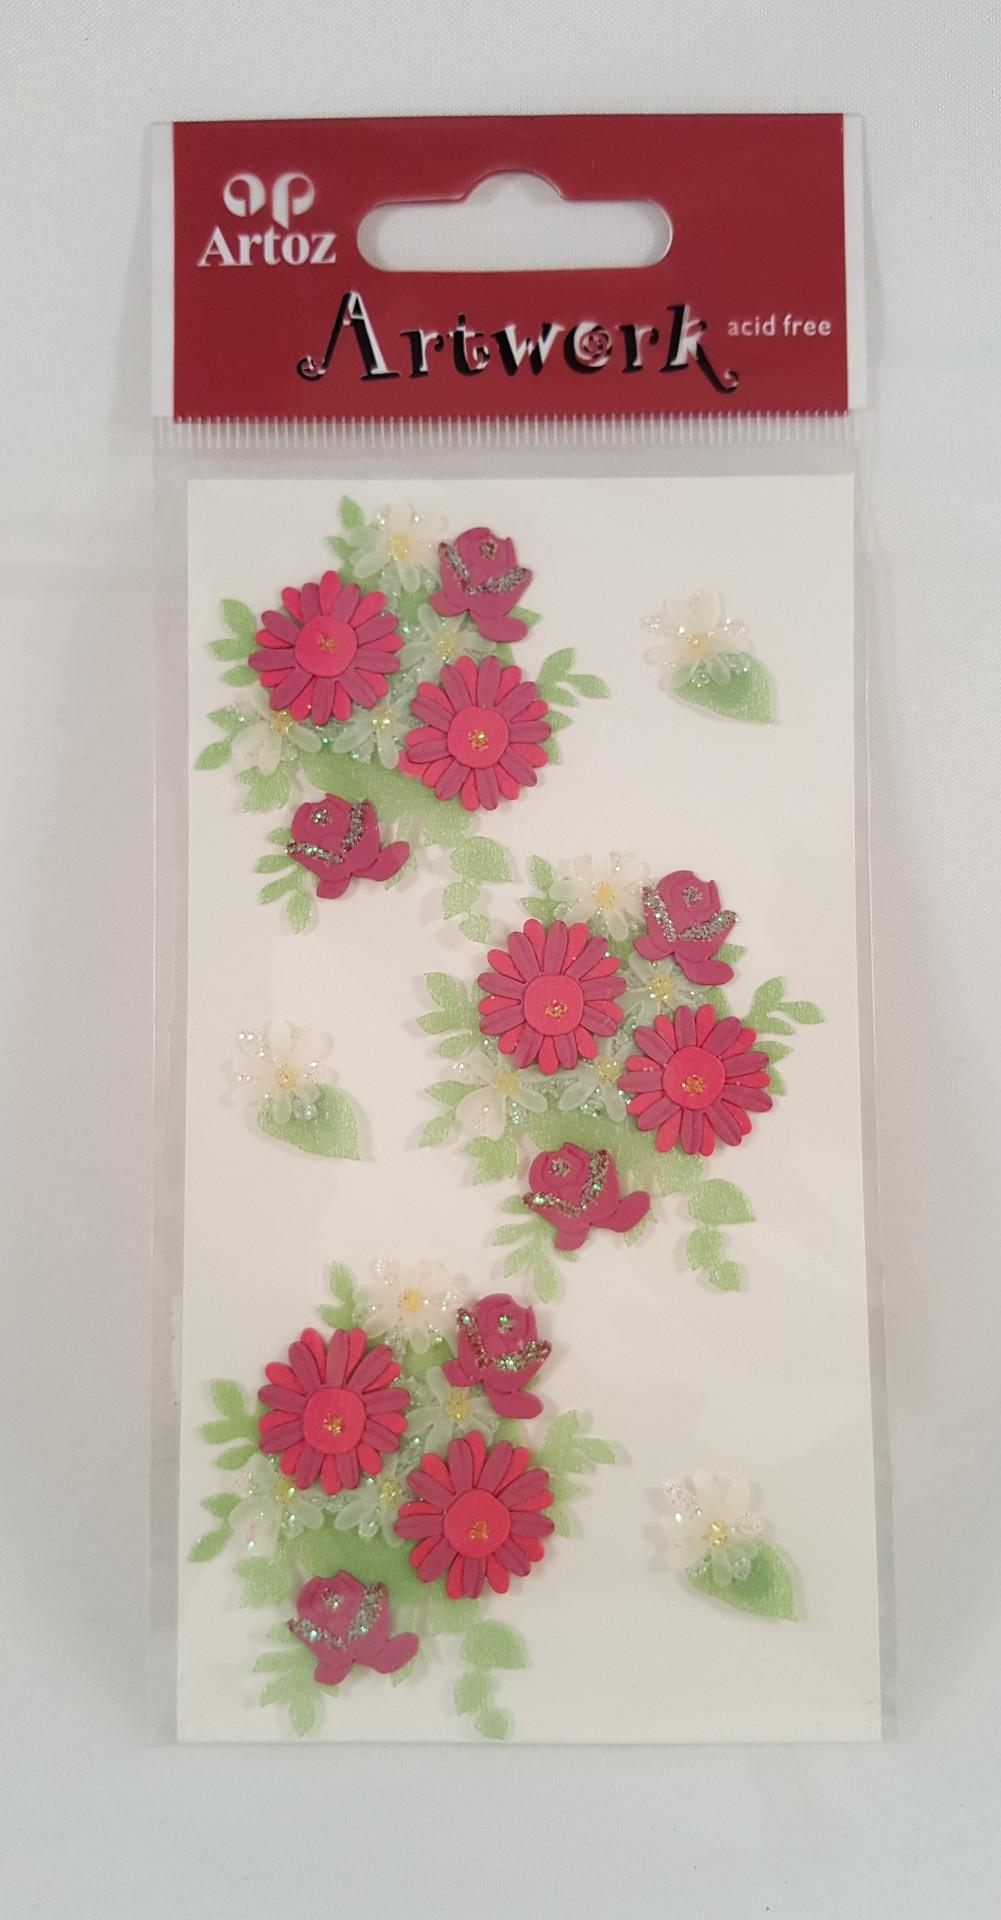 Aplicações scrapbooking - flores vermelhas Artoz Artwork